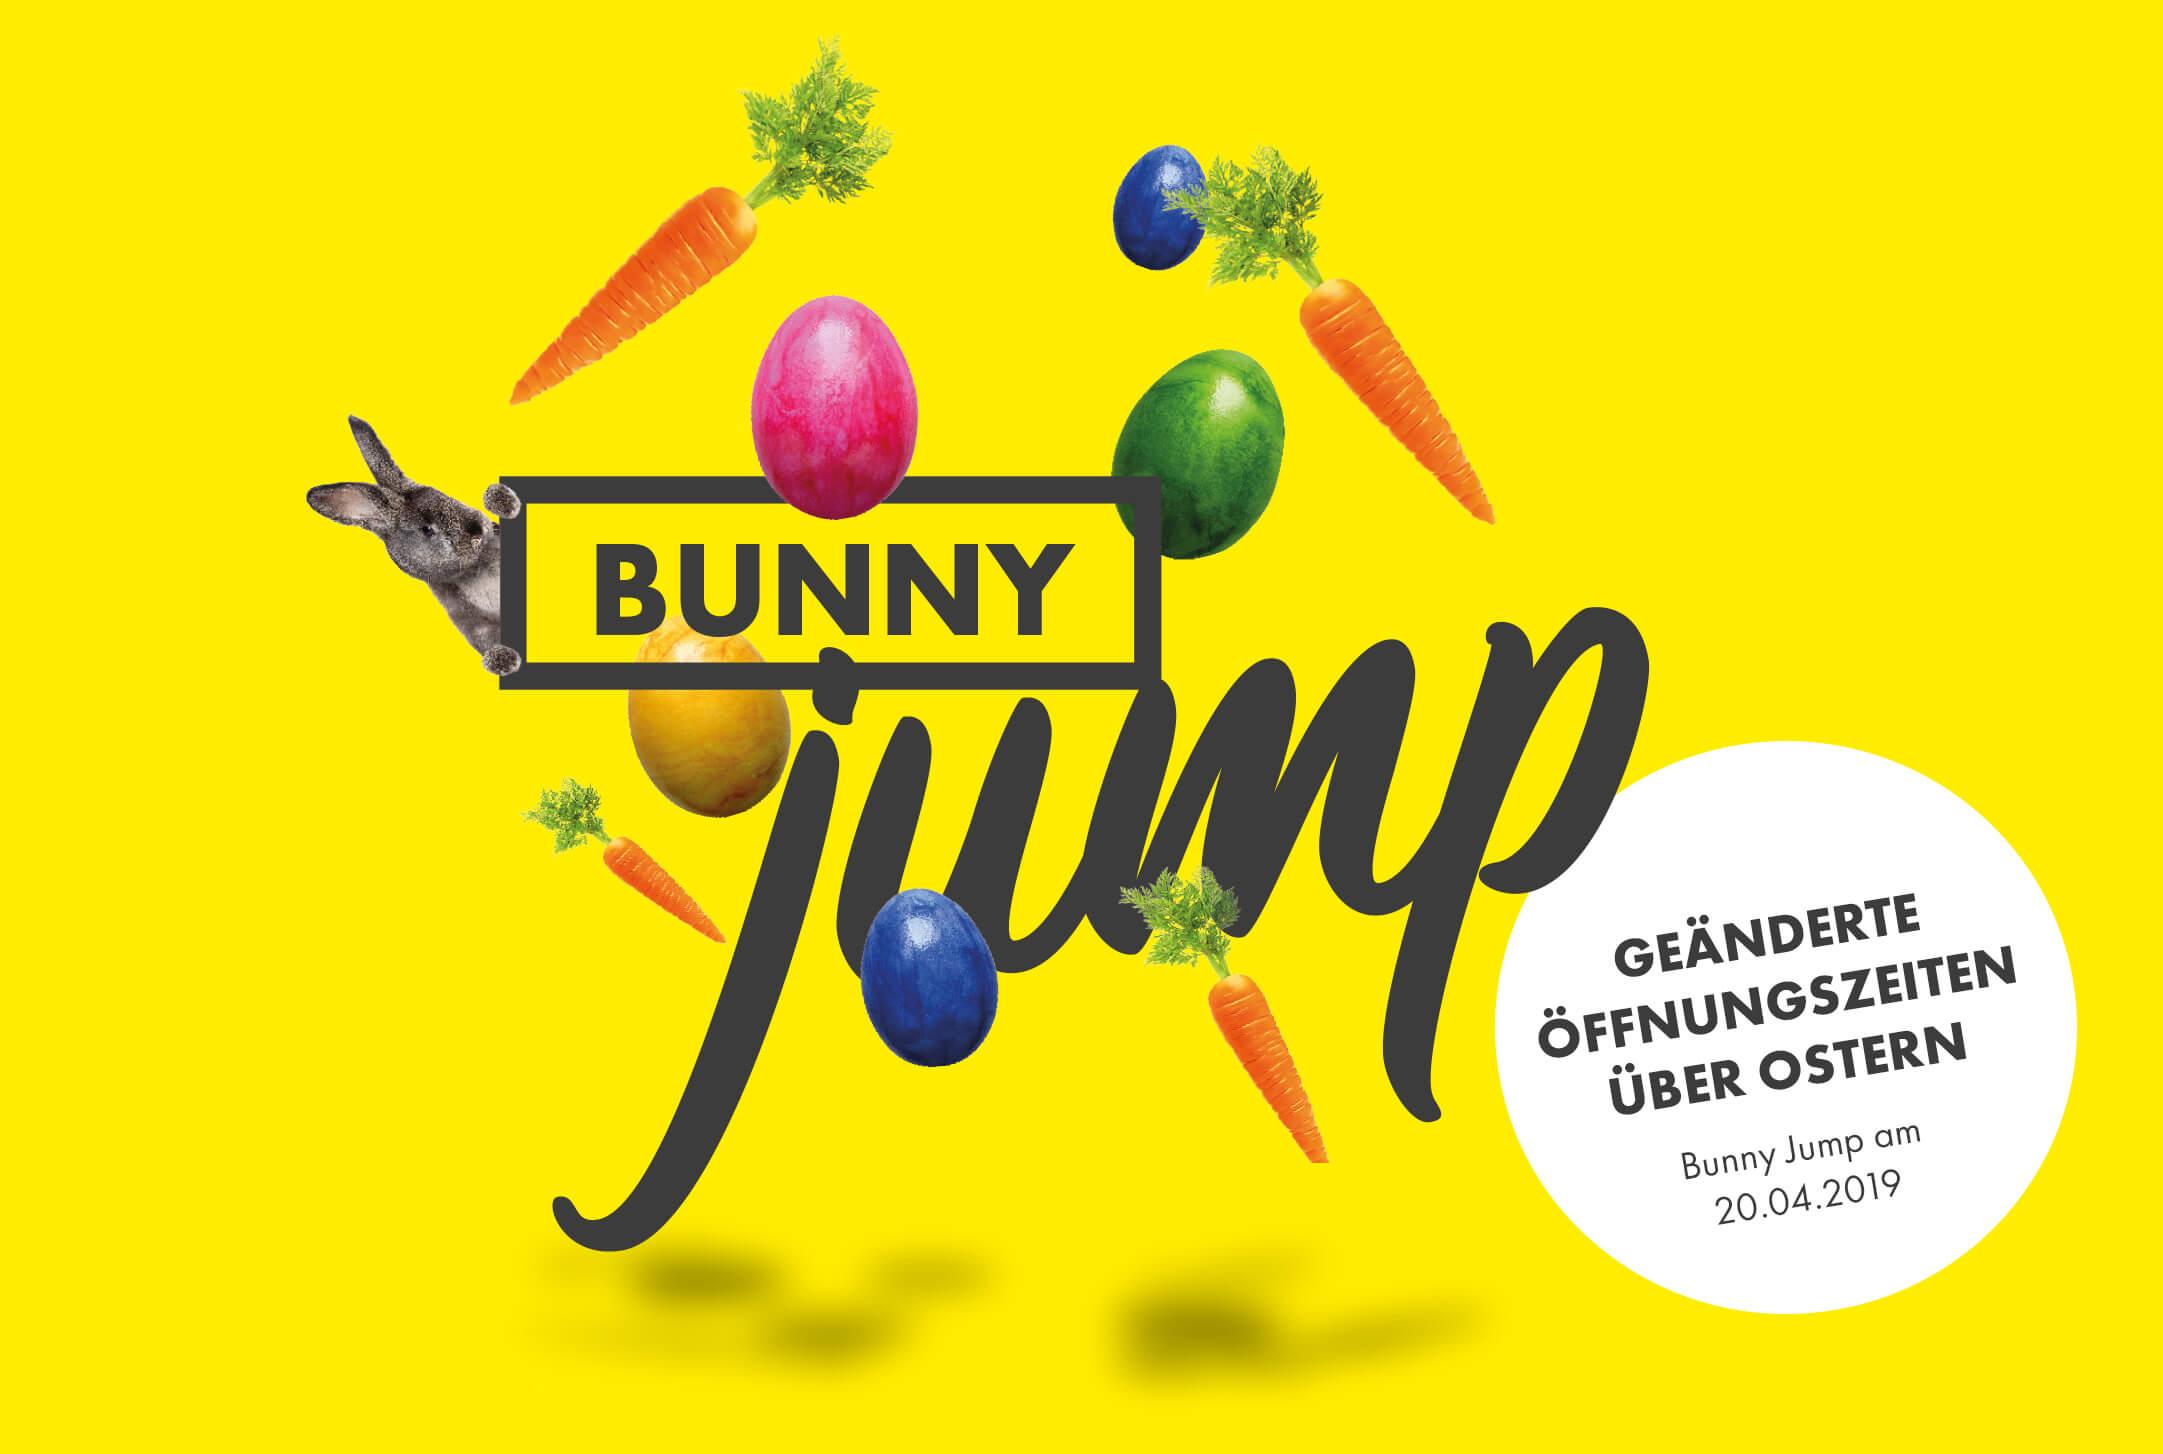 Ostern im Freizeitpark Netphen –Bunny Jump und geänderte Öffnungszeiten